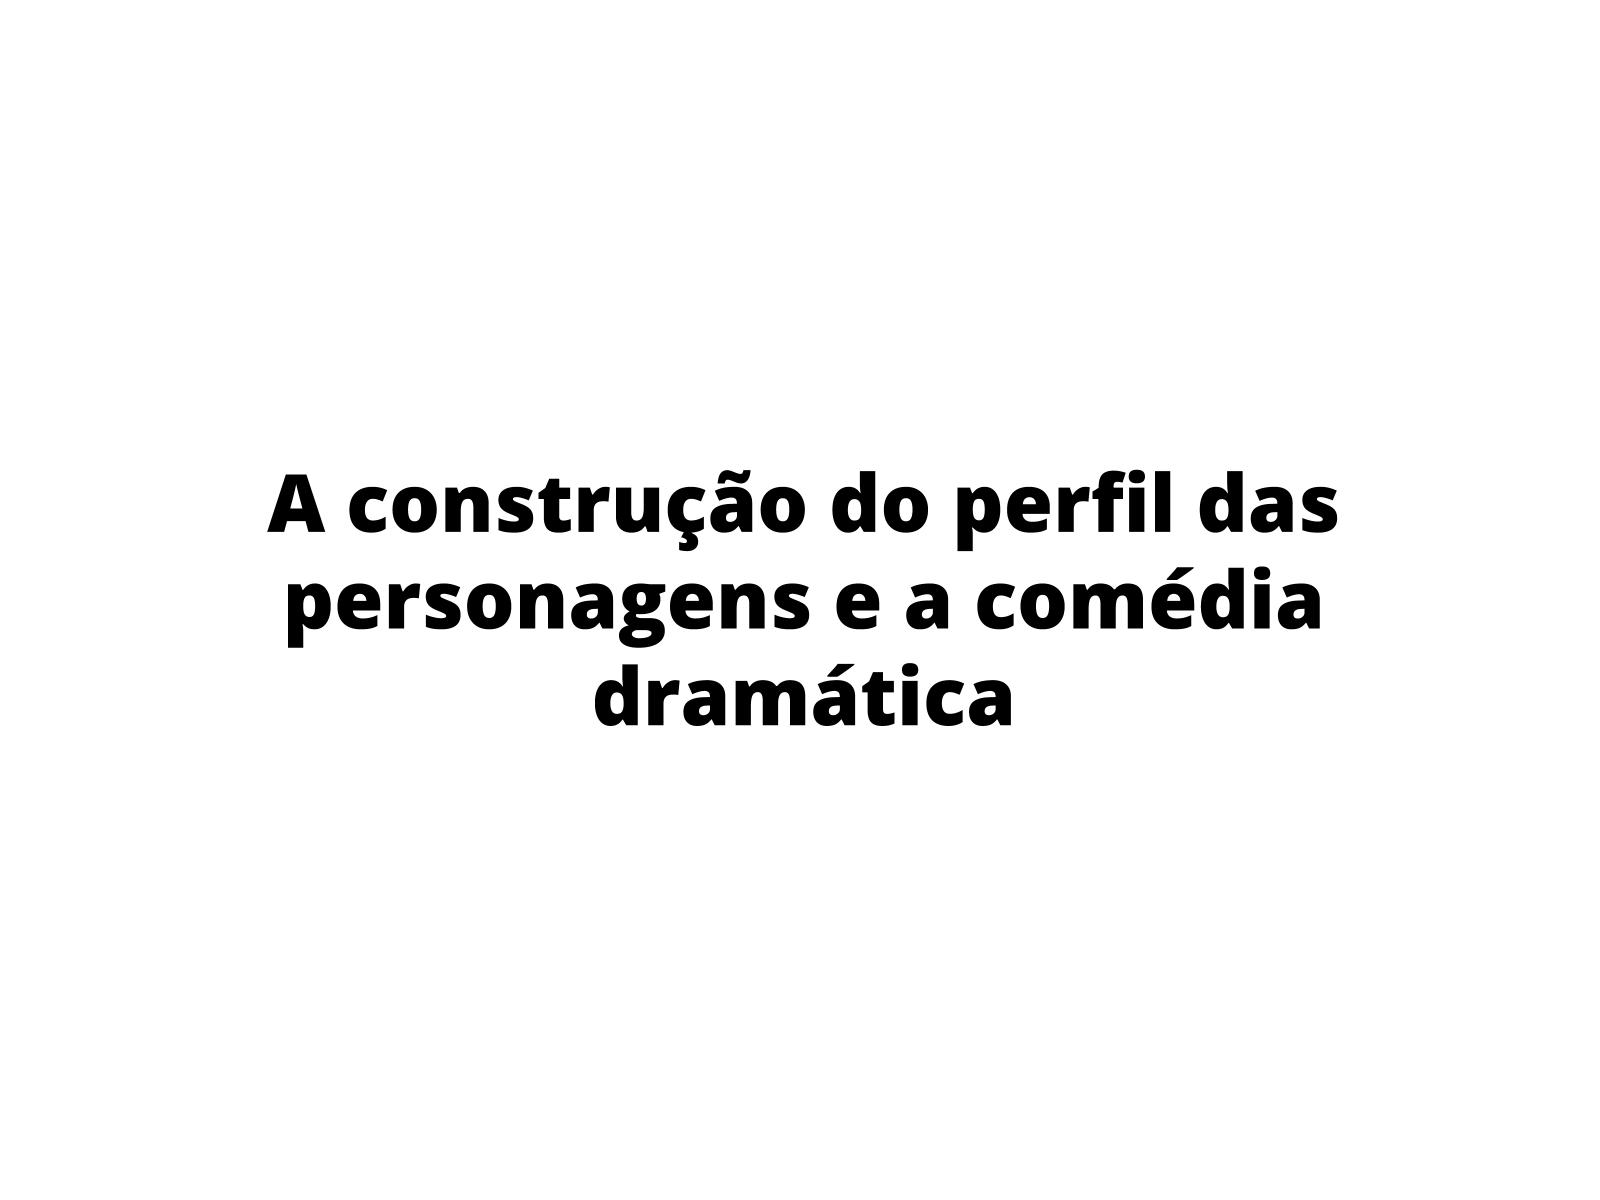 A construção do perfil das personagens e a comédia dramática